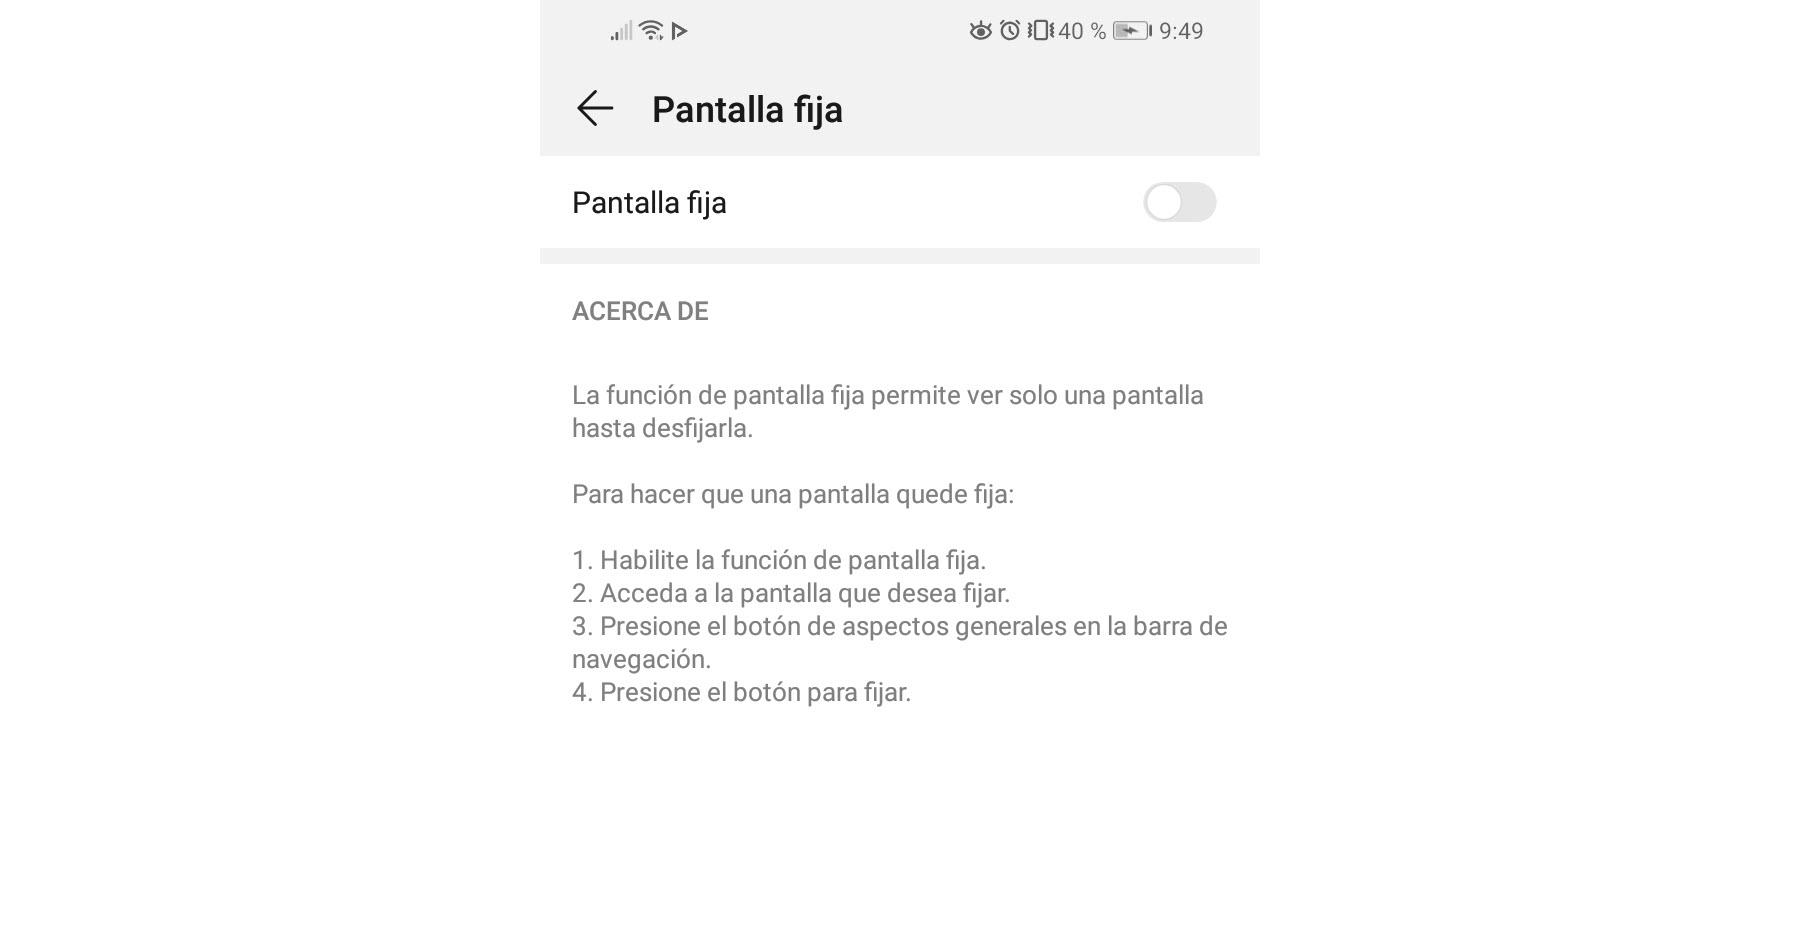 Cómo bloquear el celular a una sola aplicación (Fijar pantalla)